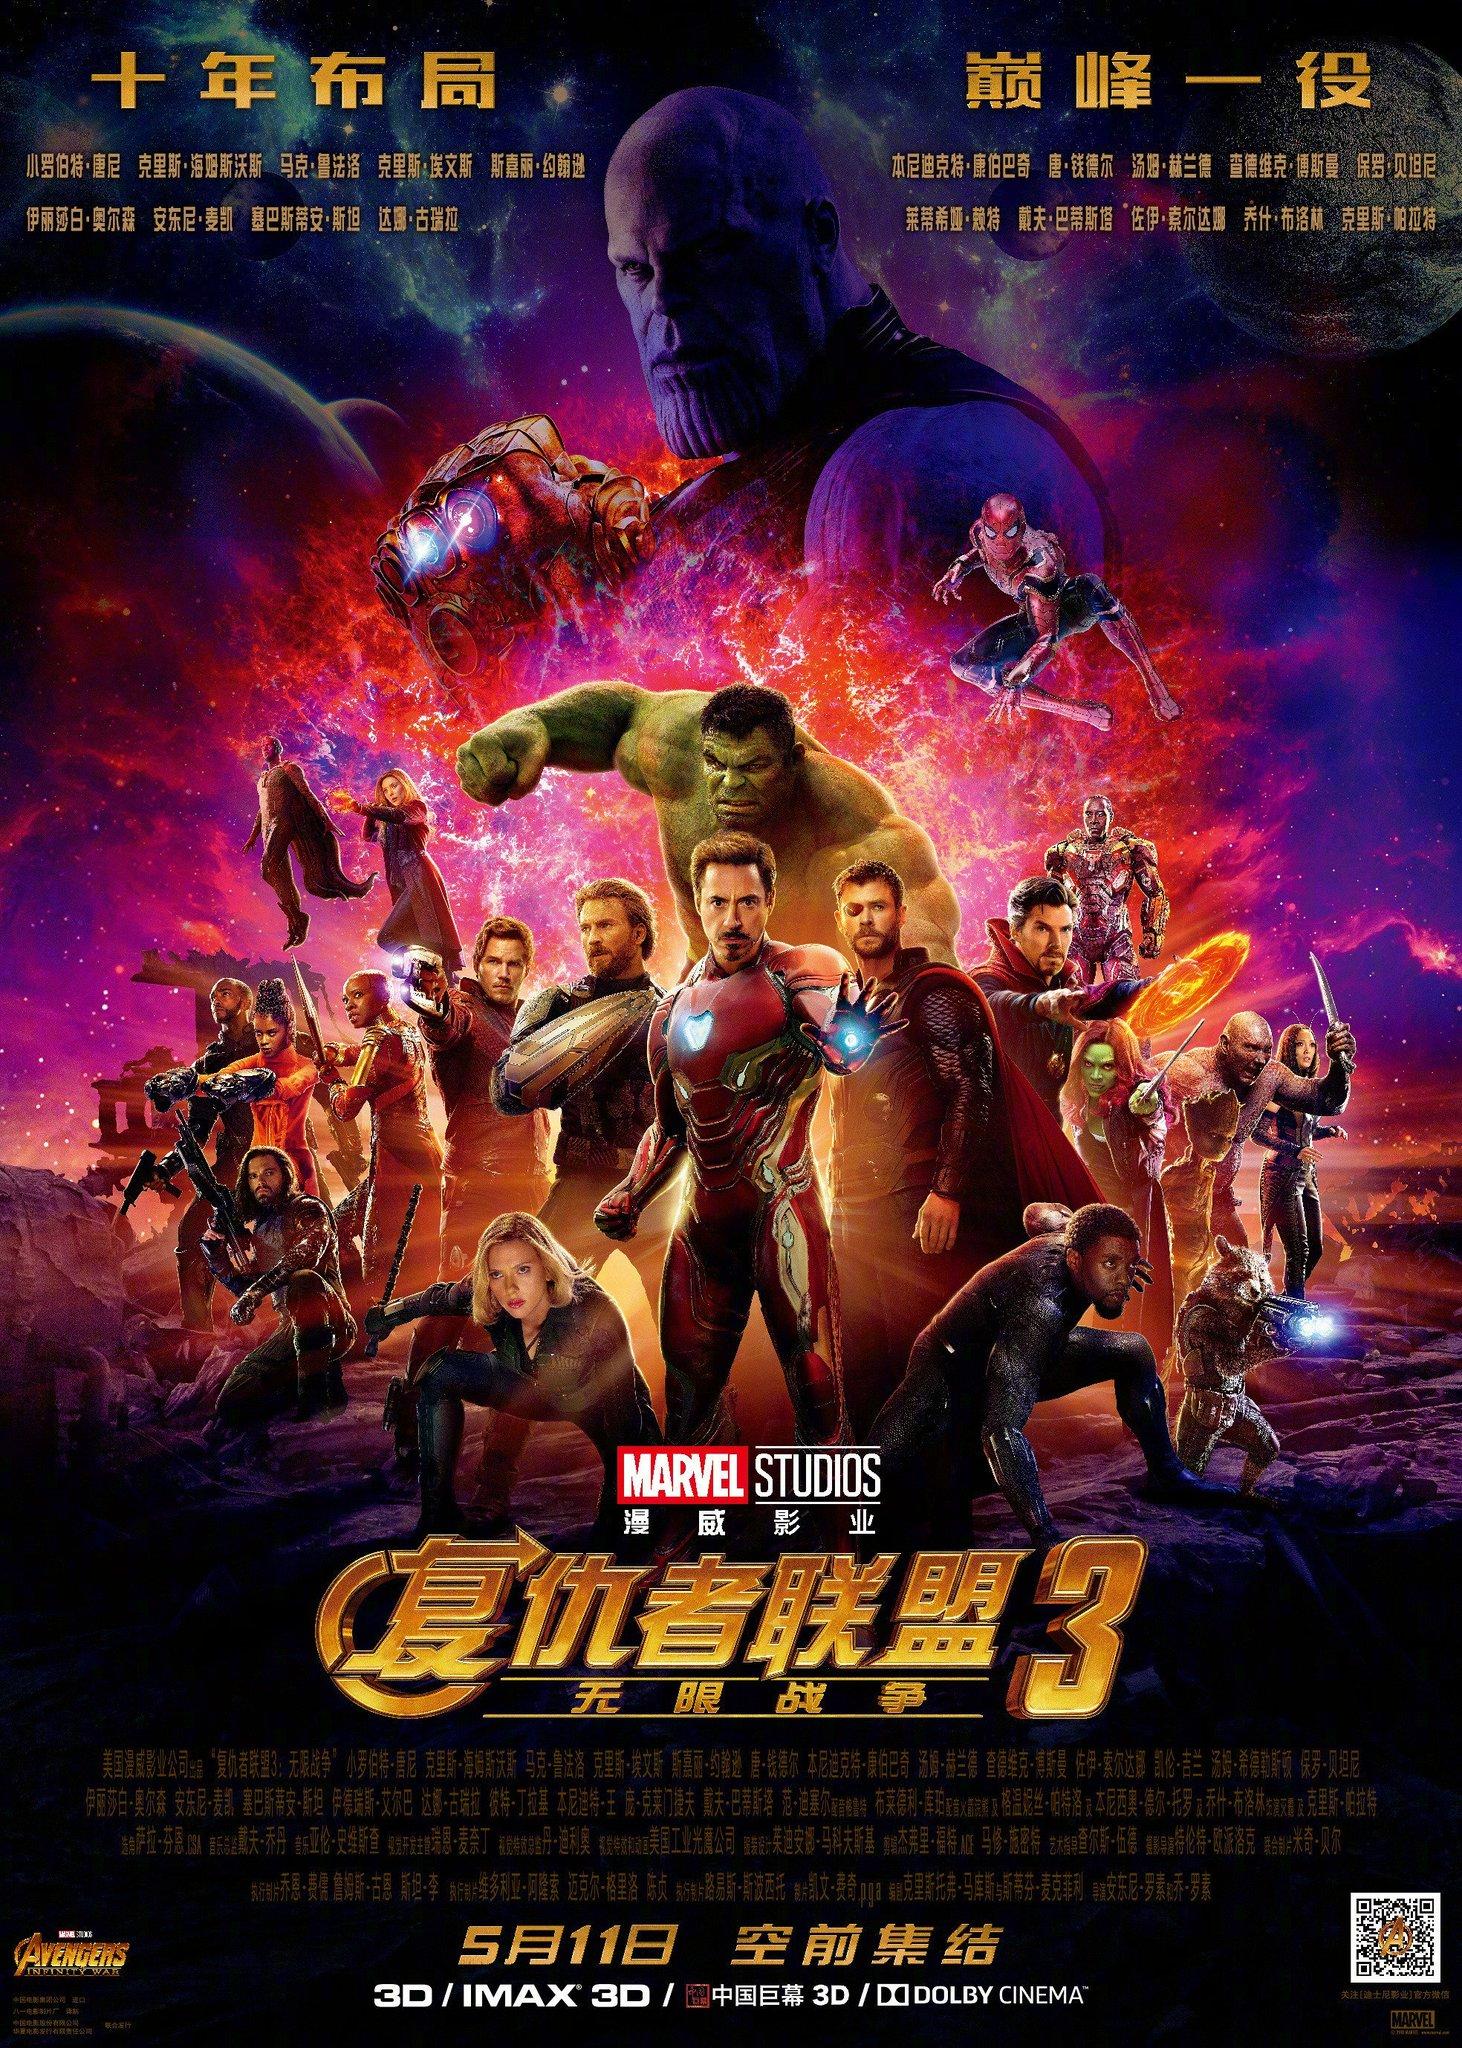 Avengers : Infinity War - Page 9 DZgO13dX4AEV96z